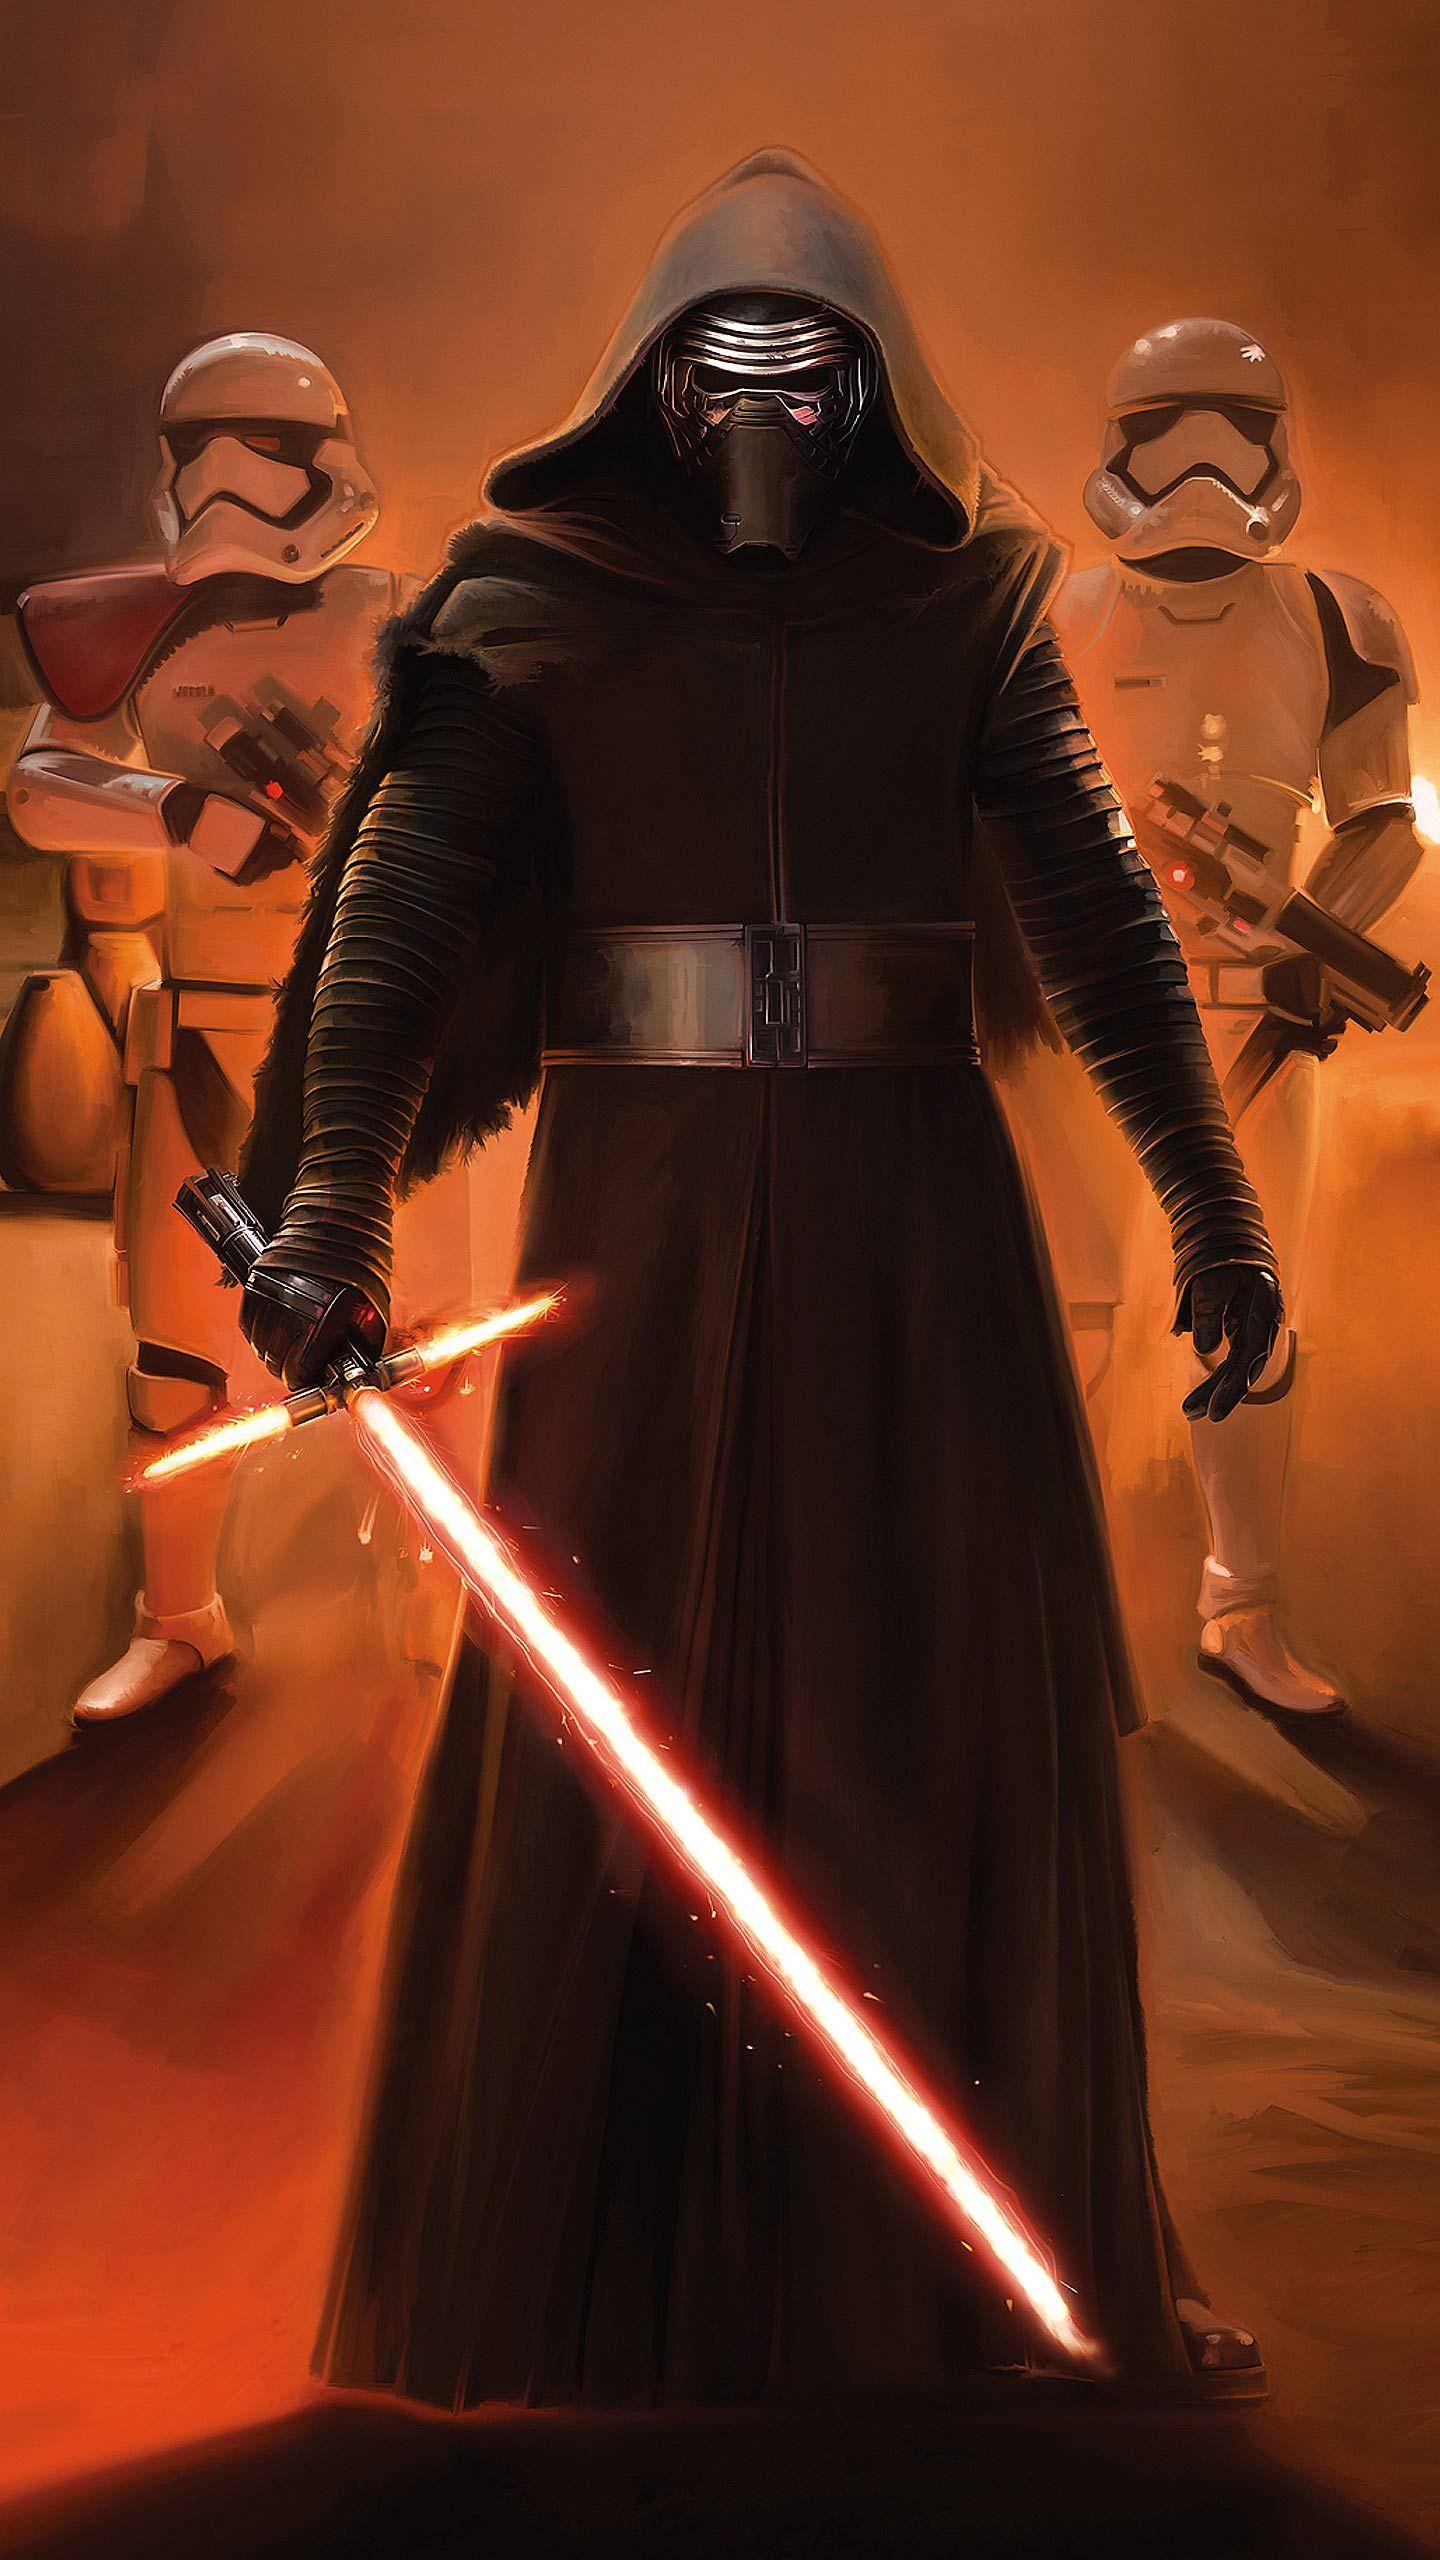 50 Phone Wallpapers All 1440x2560 No Watermarks Star Wars Kylo Ren Star Wars Episodes Star Wars Vii